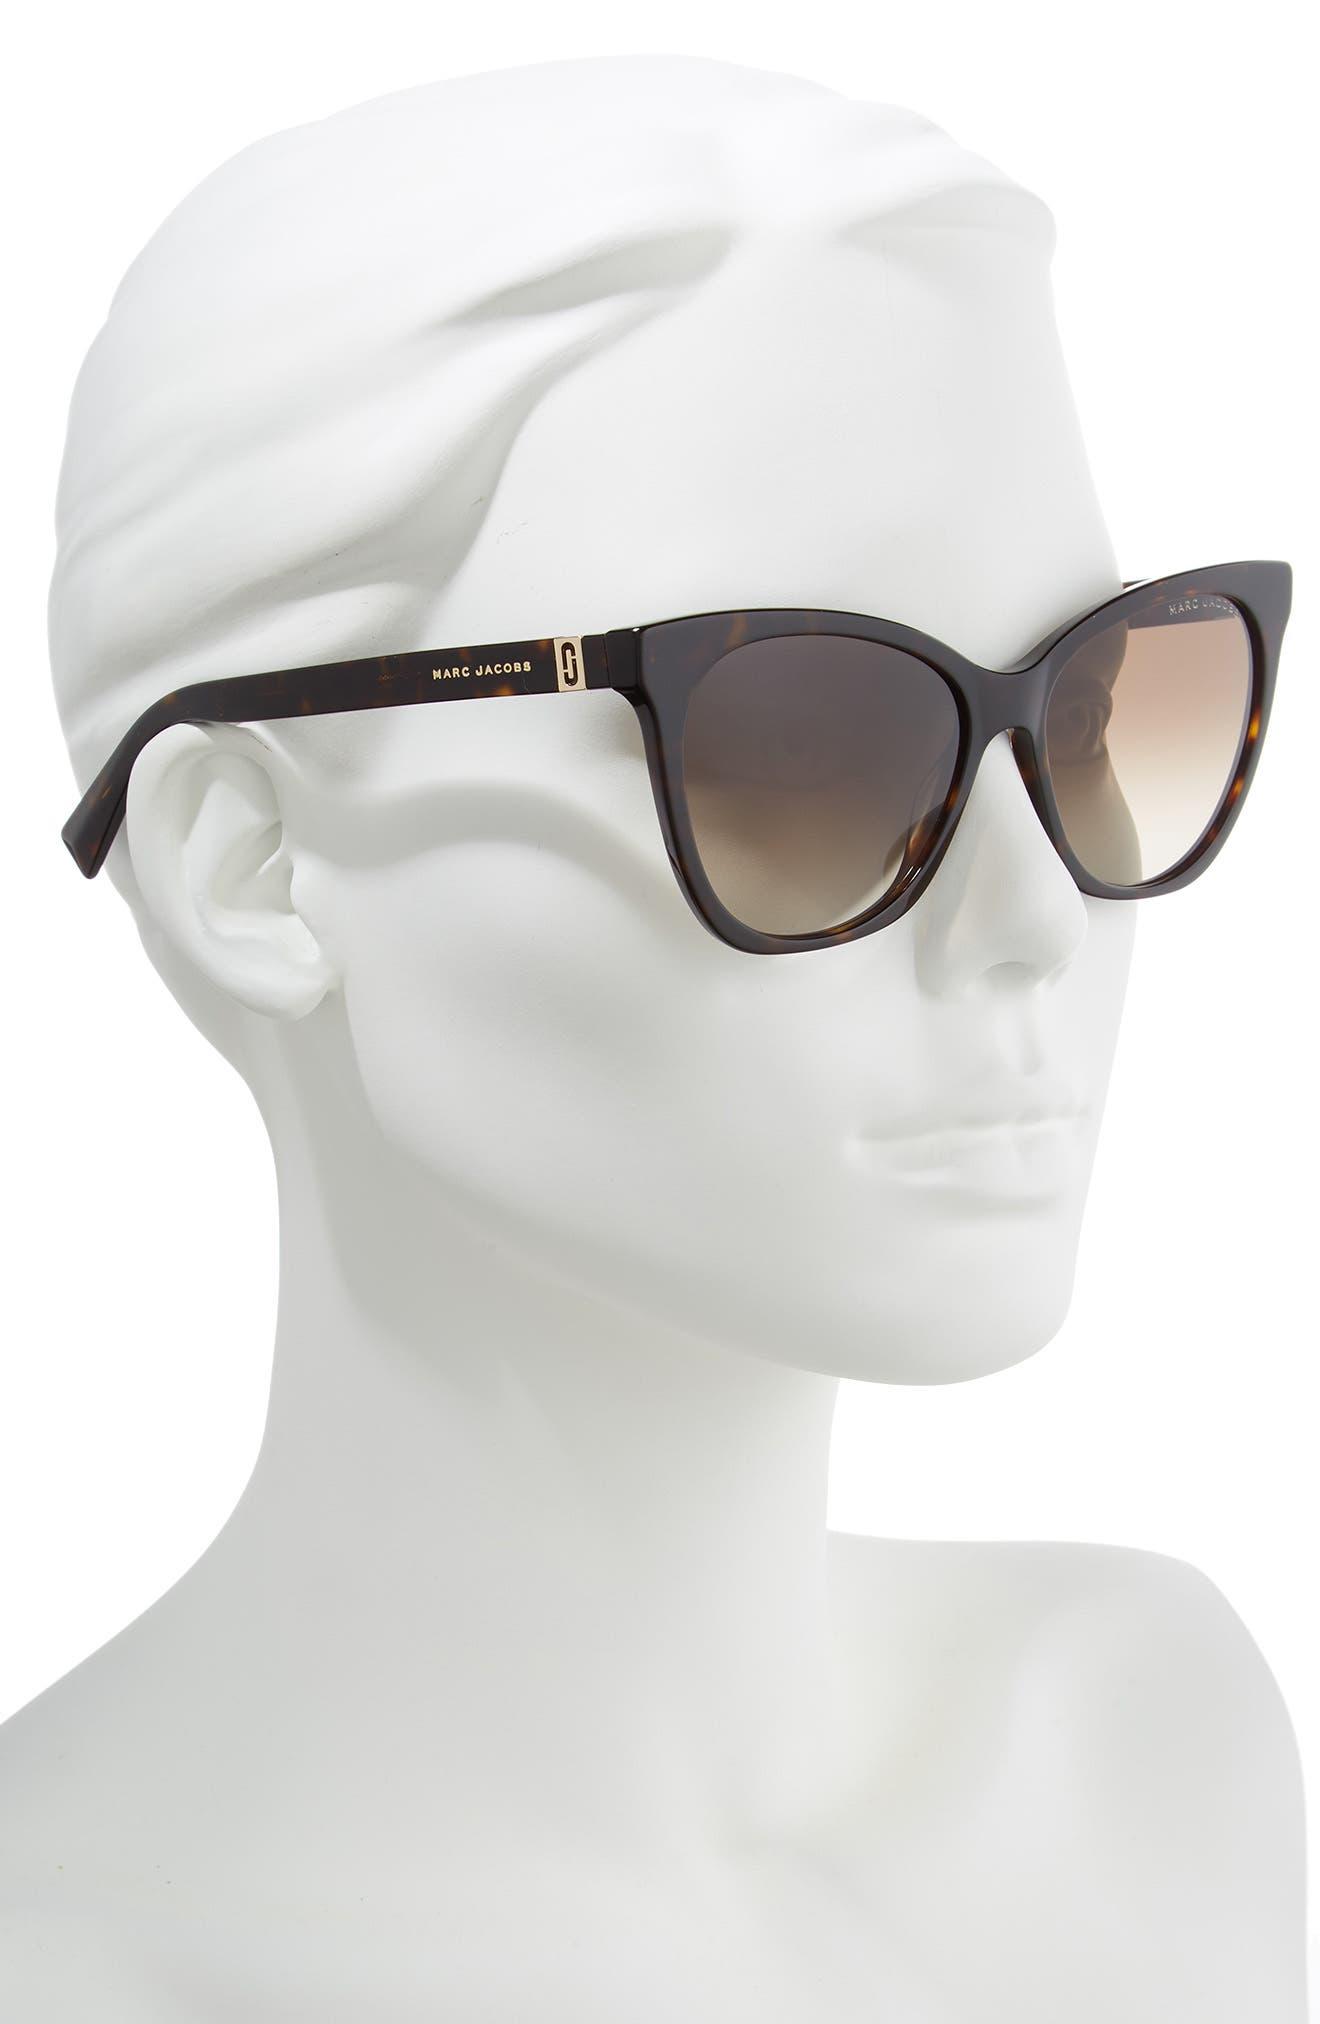 56mm Cat Eye Sunglasses,                             Alternate thumbnail 2, color,                             DARK HAVANA